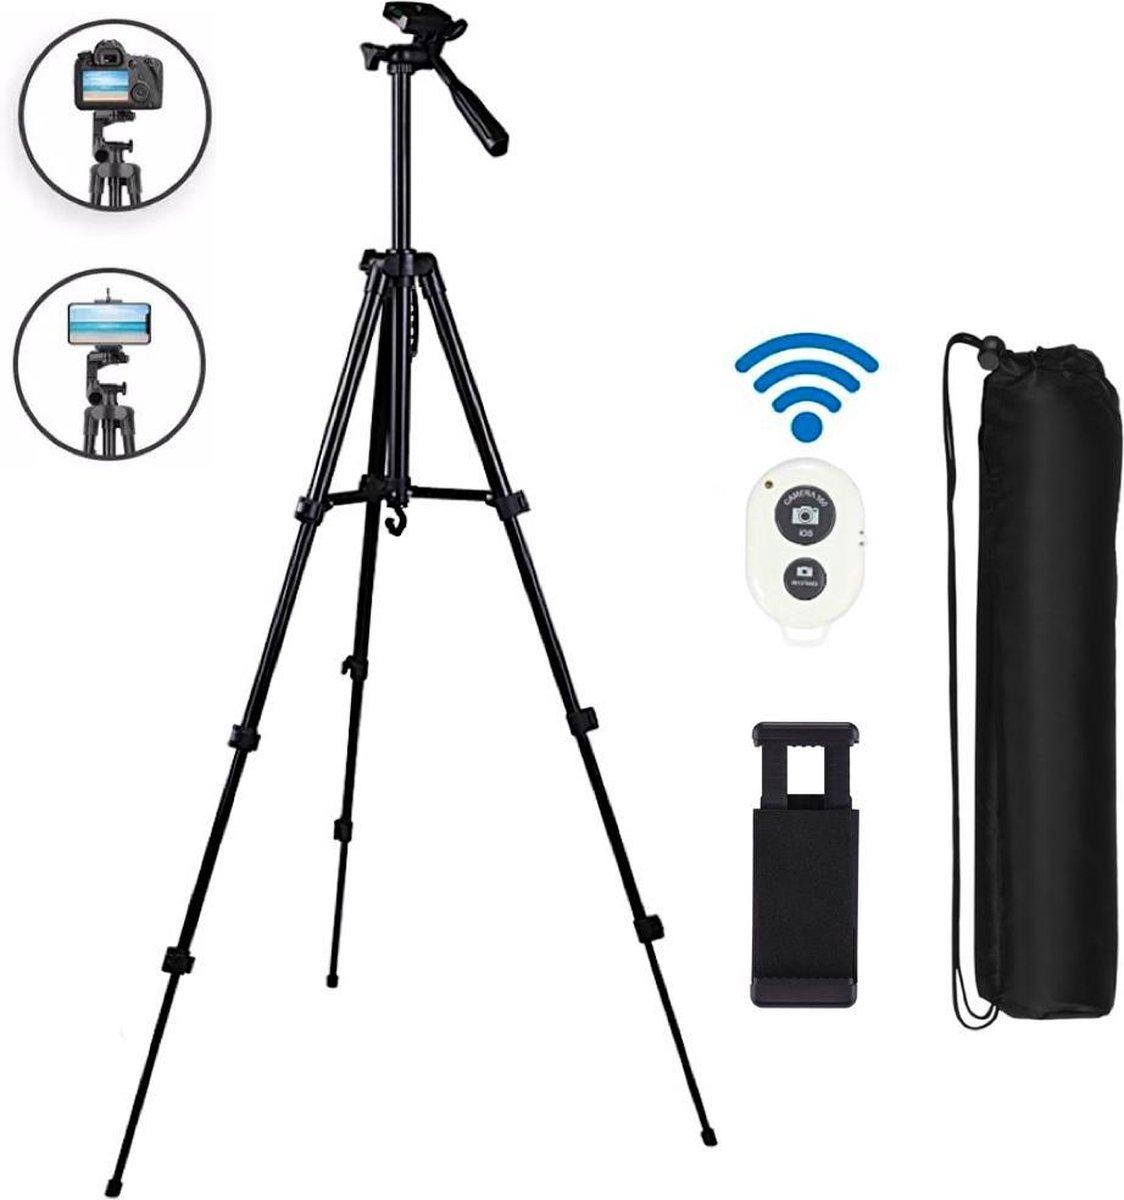 Statief camera & smartphone met afstandsbediening / Tripod smartphone / Tripod camera / statief voor